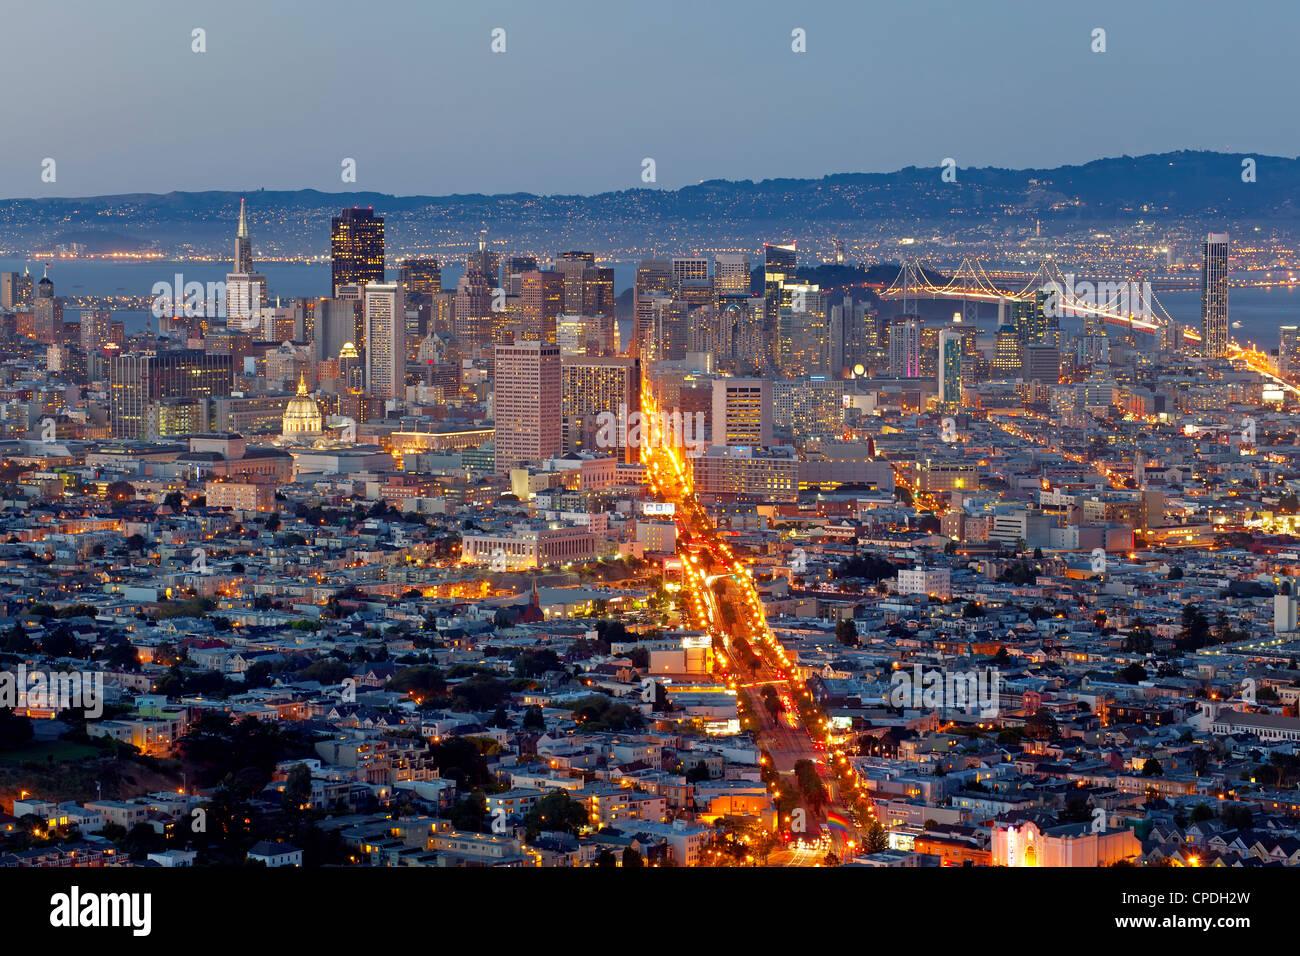 Vue sur les toits de la ville de Twin Peaks, San Francisco, Californie, États-Unis d'Amérique, Amérique Photo Stock